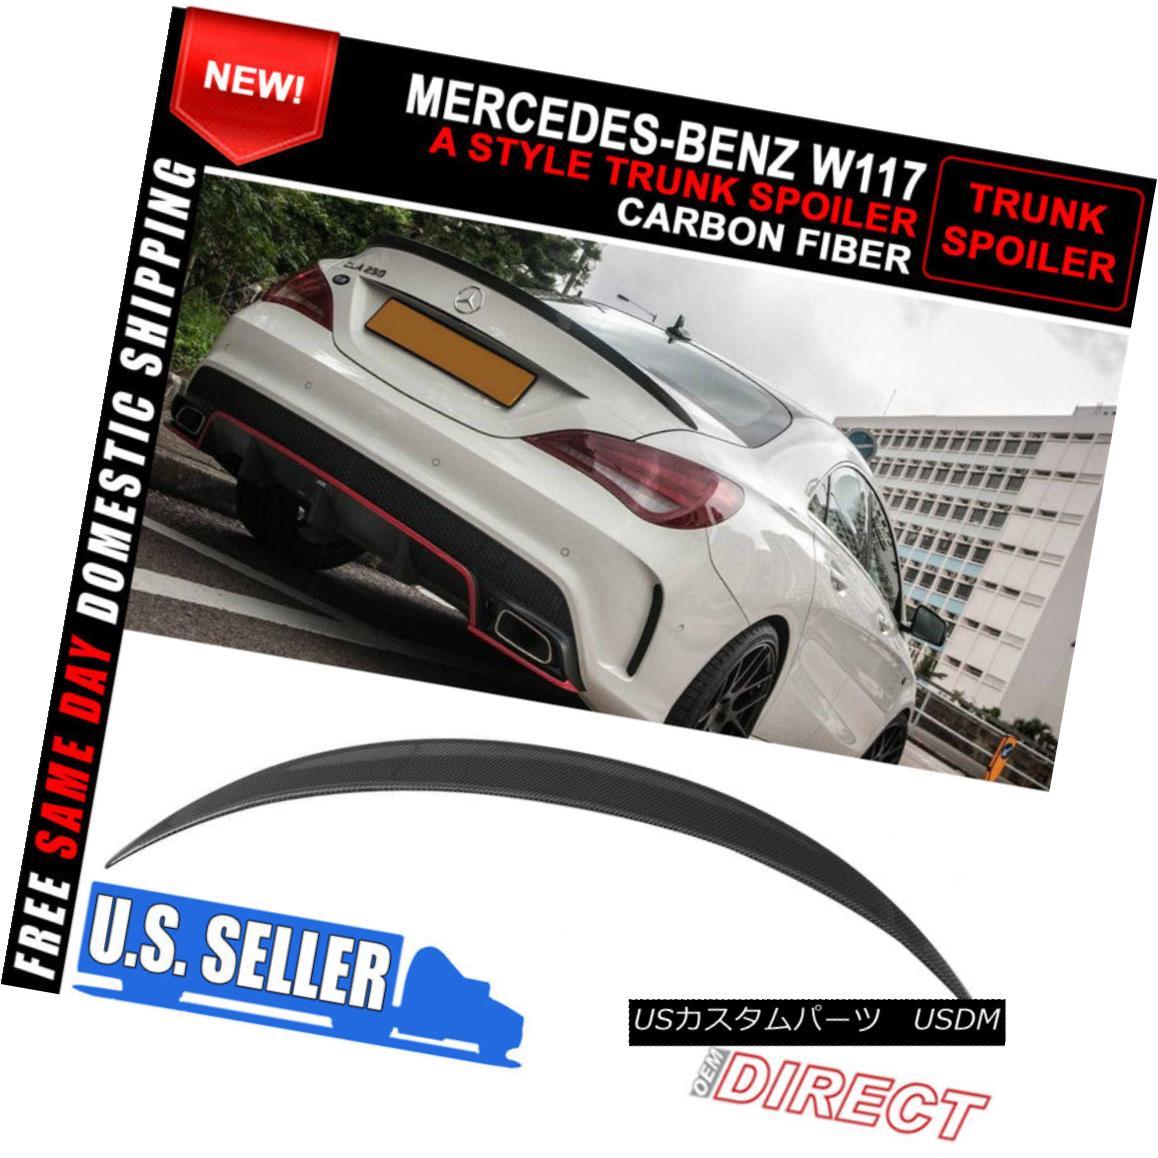 エアロパーツ Fit For 13-18 Benz Cla W117 A Style Carbon Fiber CF Rear Trunk Spoiler Lip Wing フィット13-18ベンツクラW117スタイルの炭素繊維CFリアトランクスポイラーリップウイング